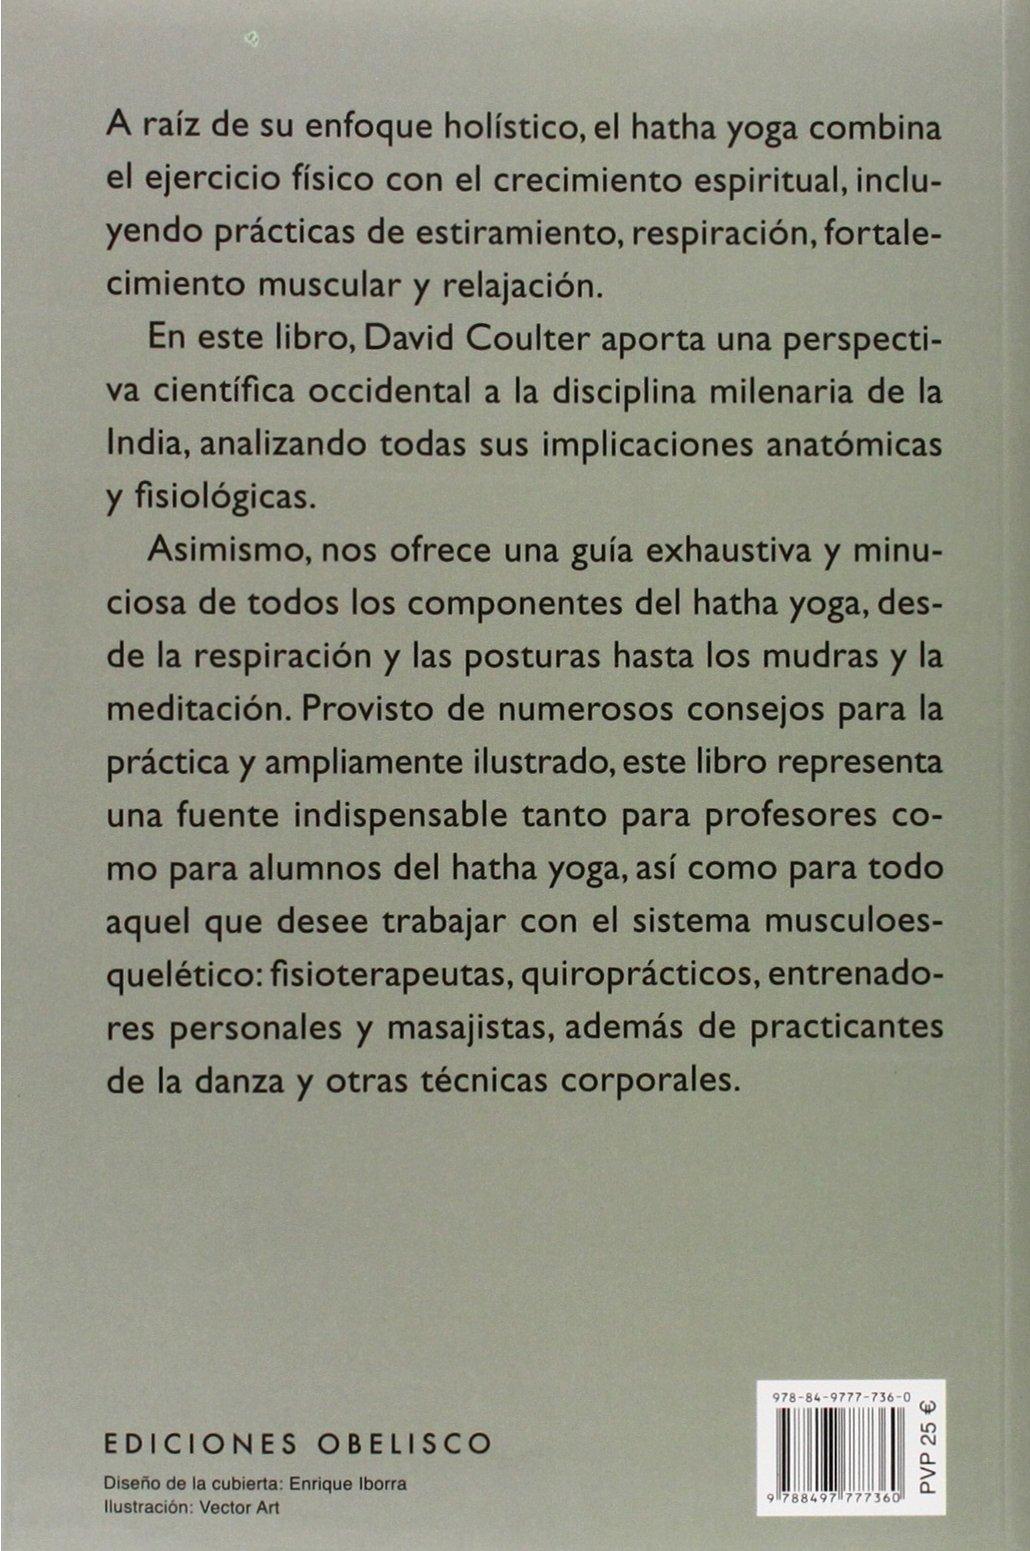 Anatomia Del Hatha Yoga Un Manual Para Estudiantes: David Coulter ...